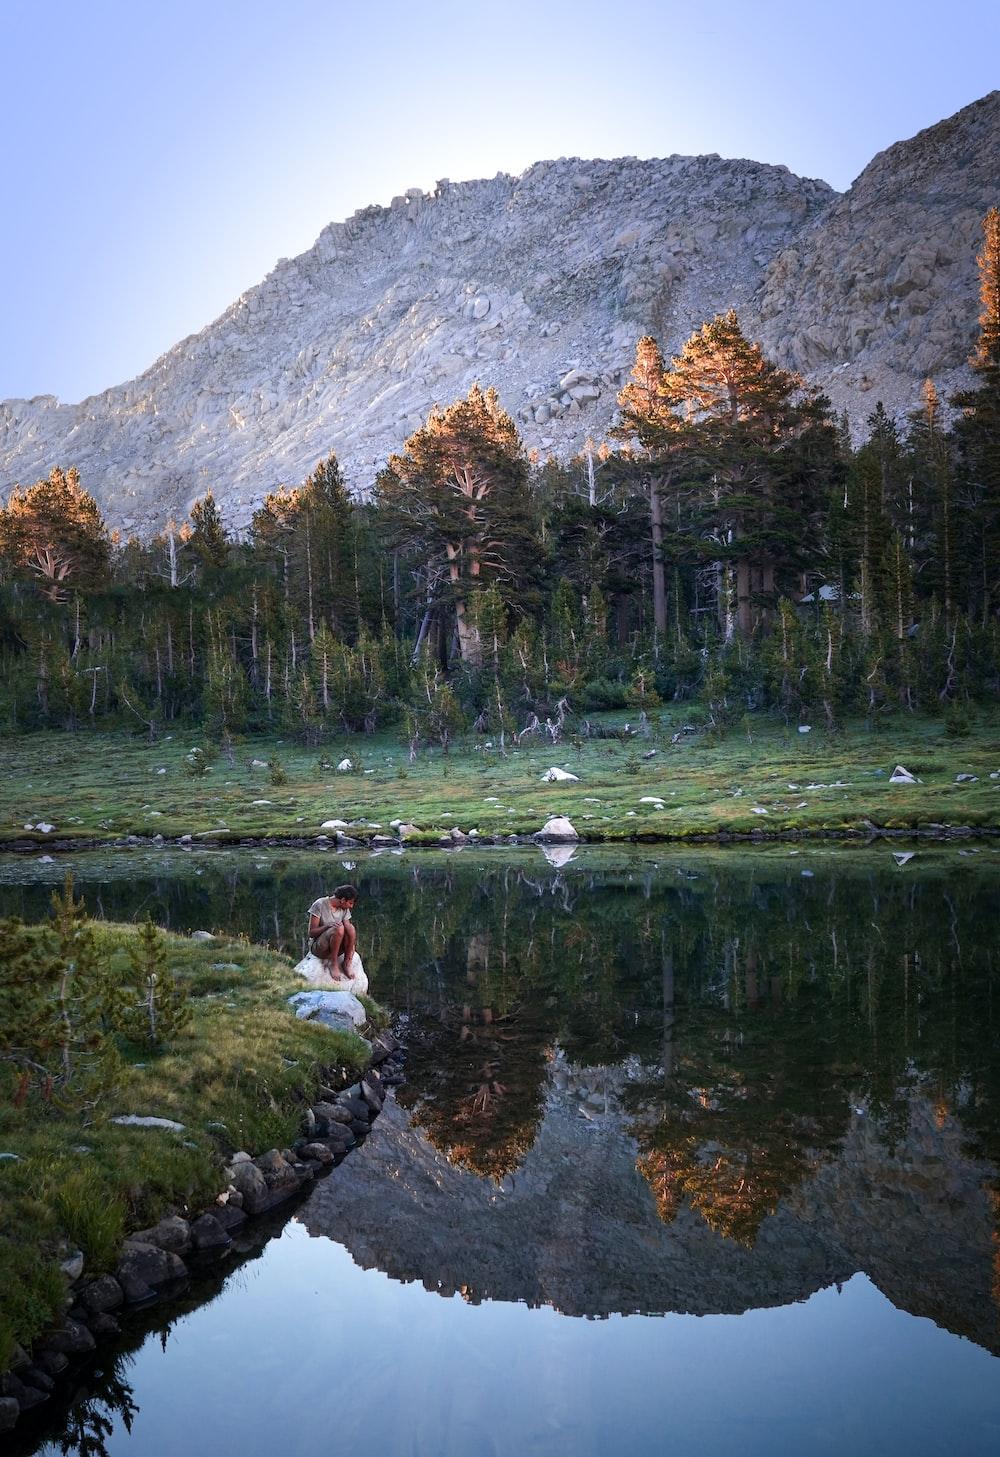 person sitting on rock near lake during daytime